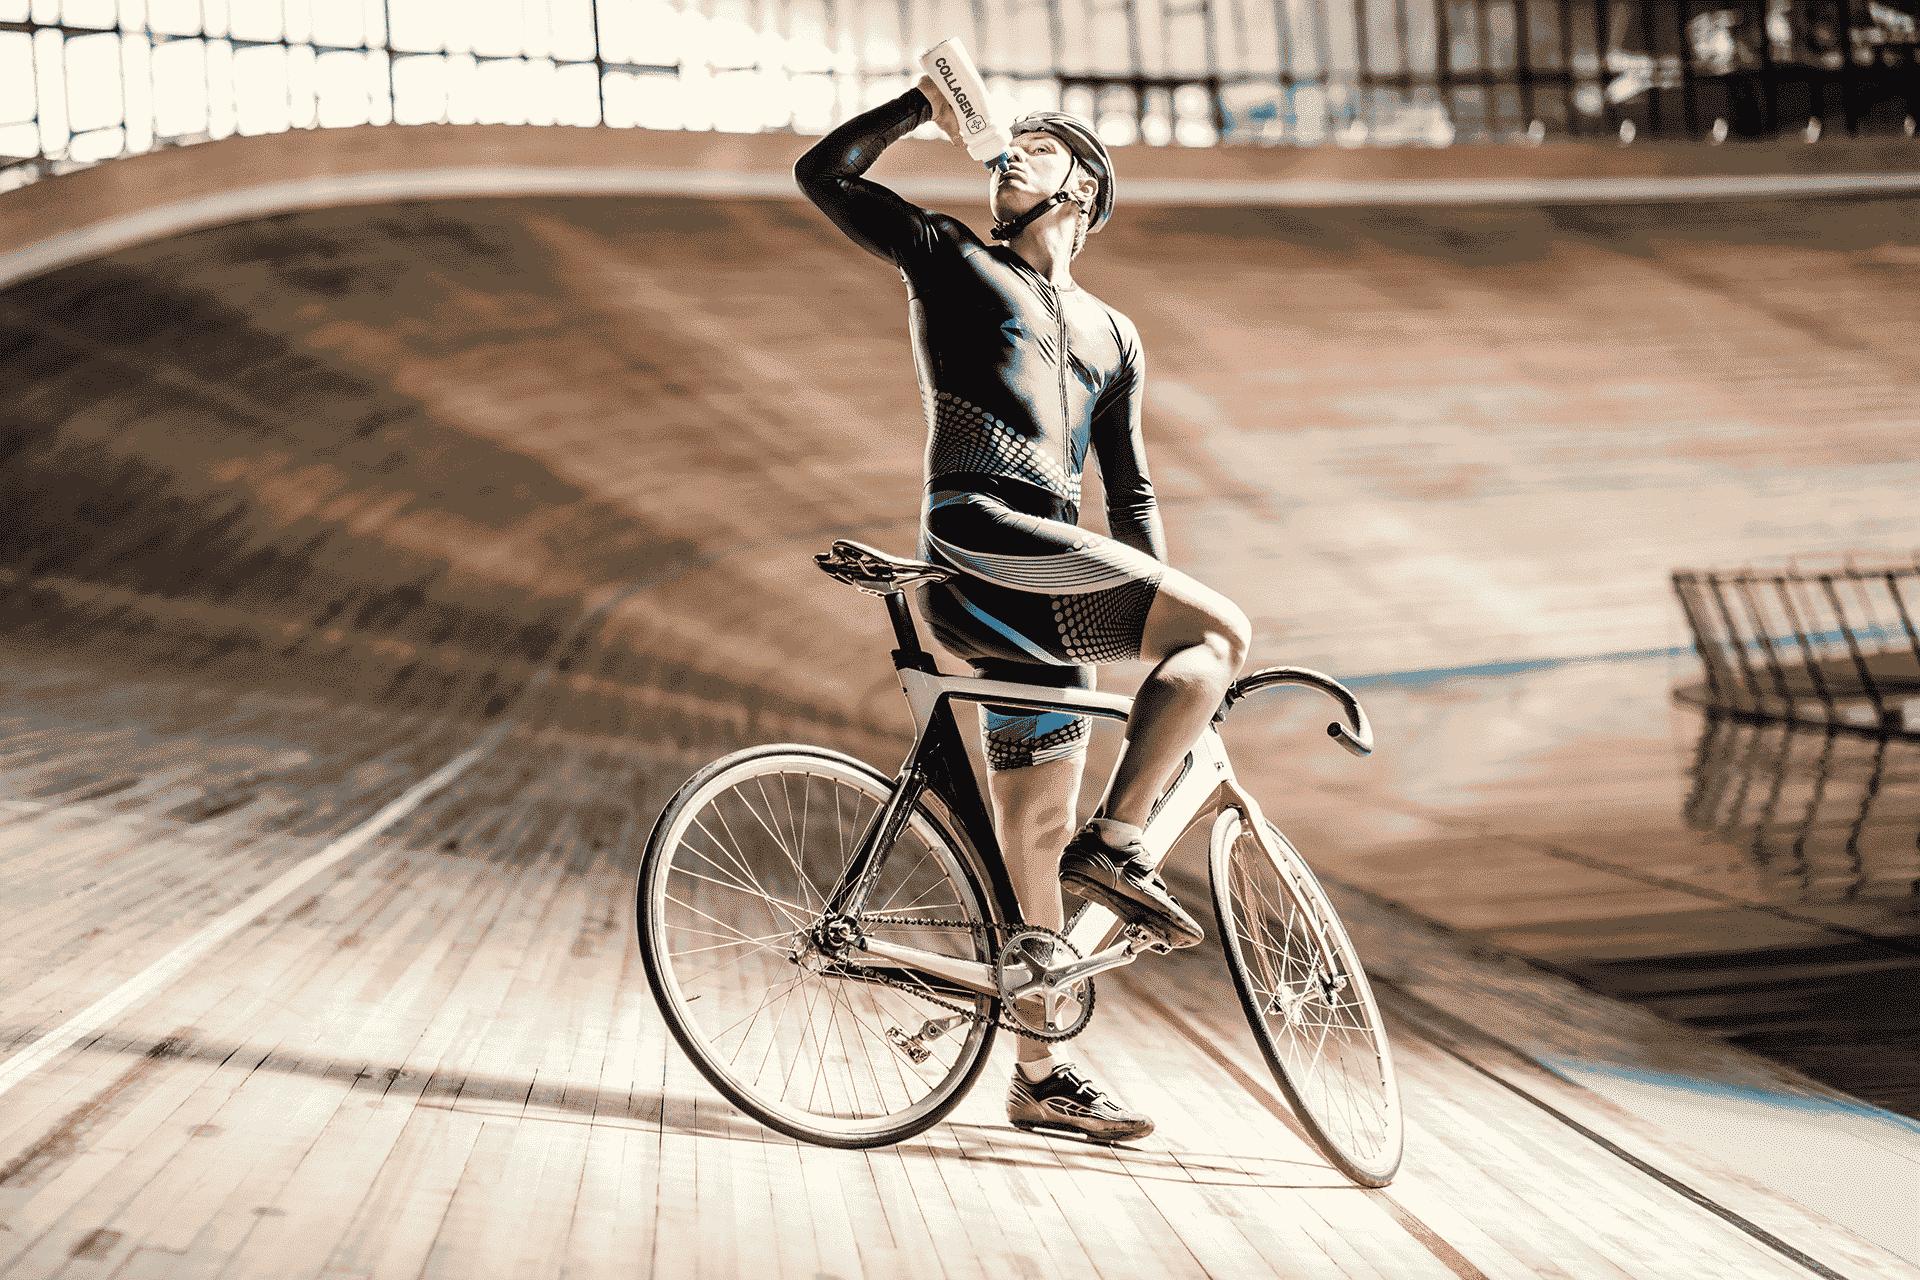 גבר רוכב על אופניים ושותה משקה עם אבקת קולגן